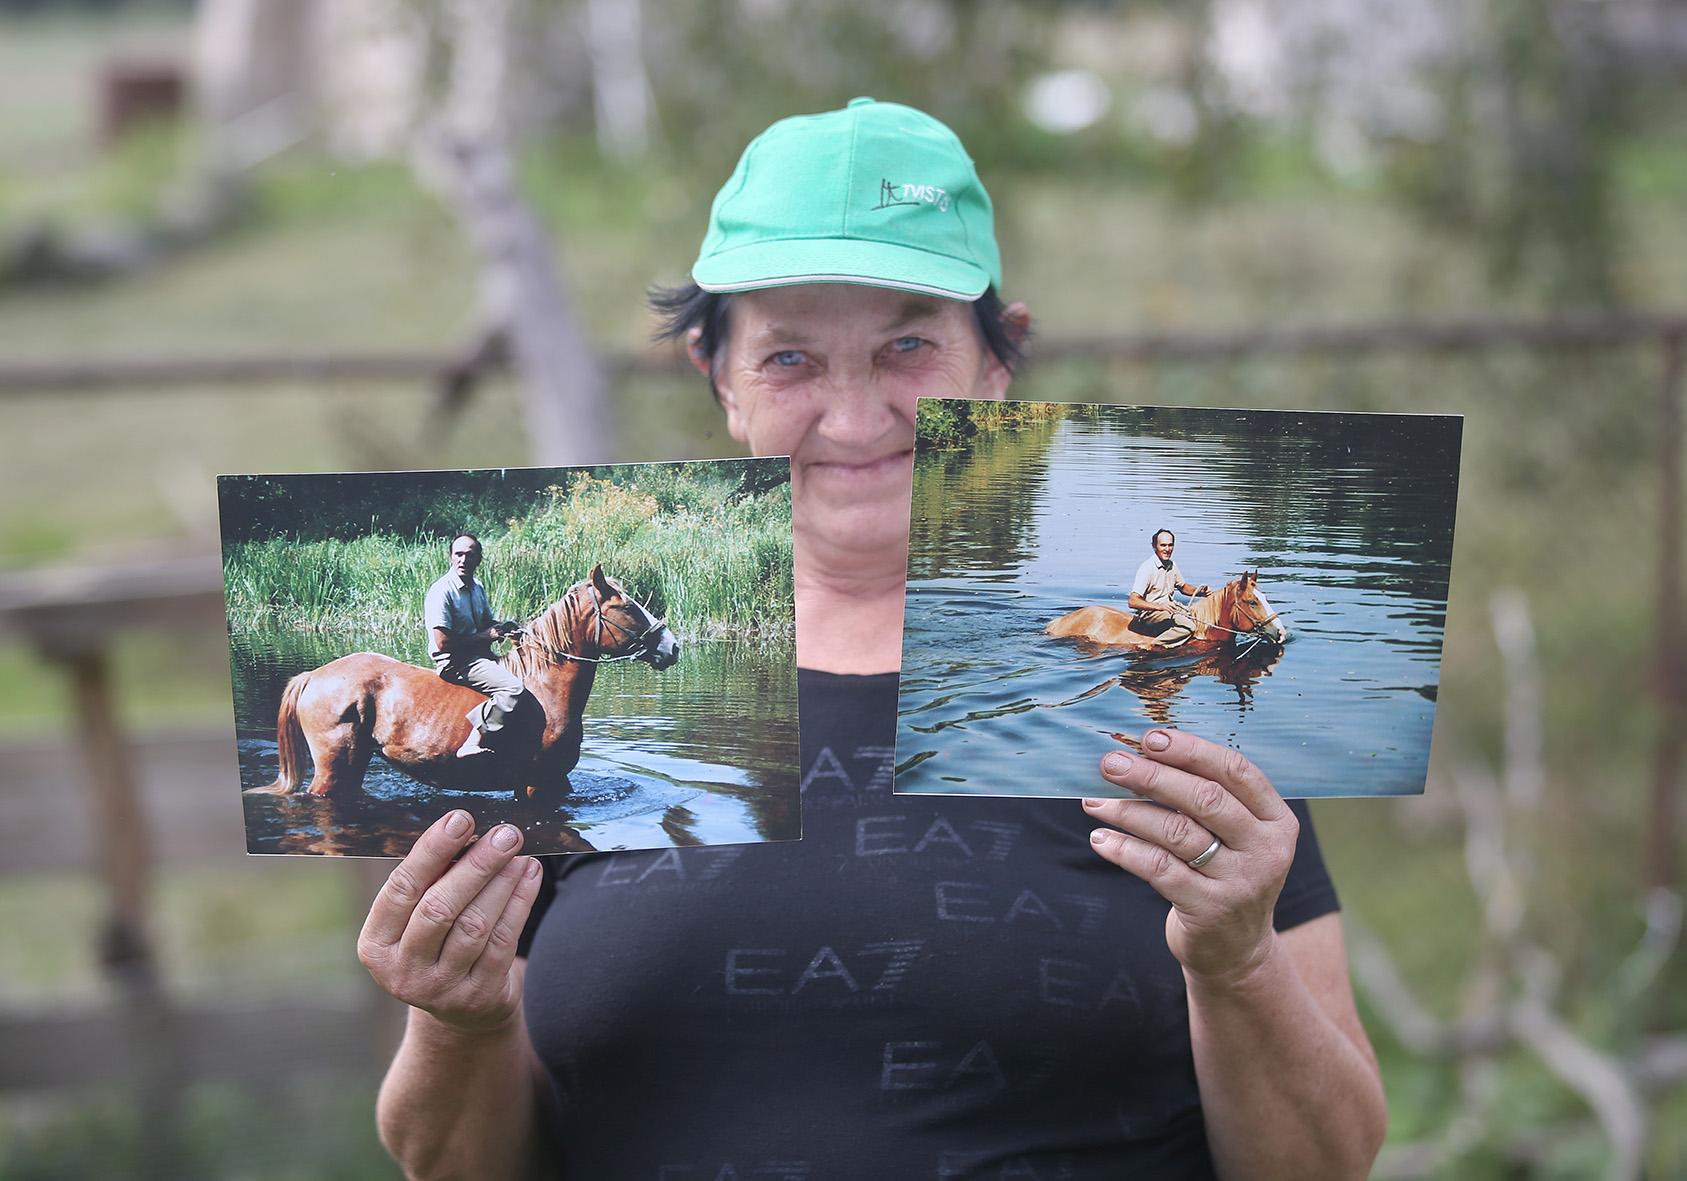 Zenono draugė Loreta sodyboje jam padeda tvarkytis, rūpinasi gyvuliais ir aplinkos priežiūra. A. Barzdžiaus nuotr.